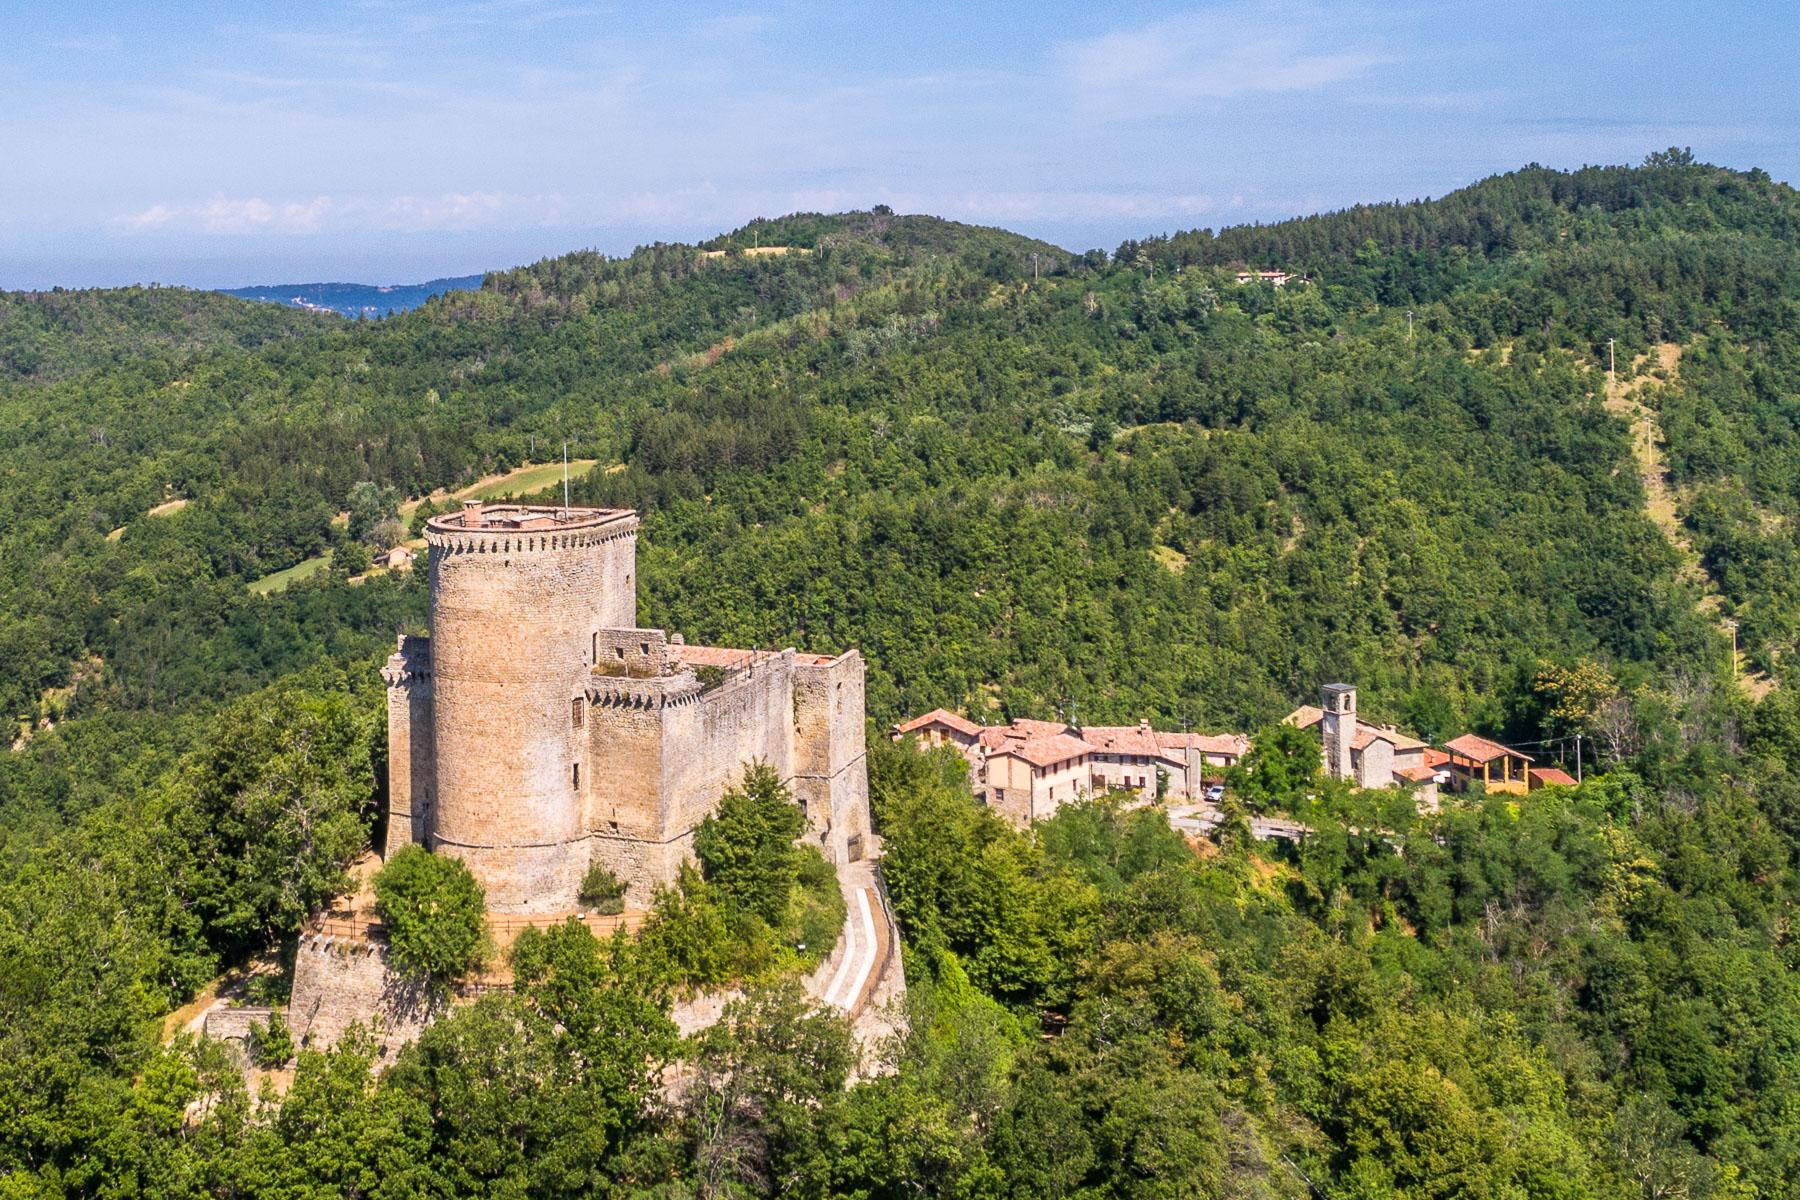 雄伟的Ormala城堡 - 29